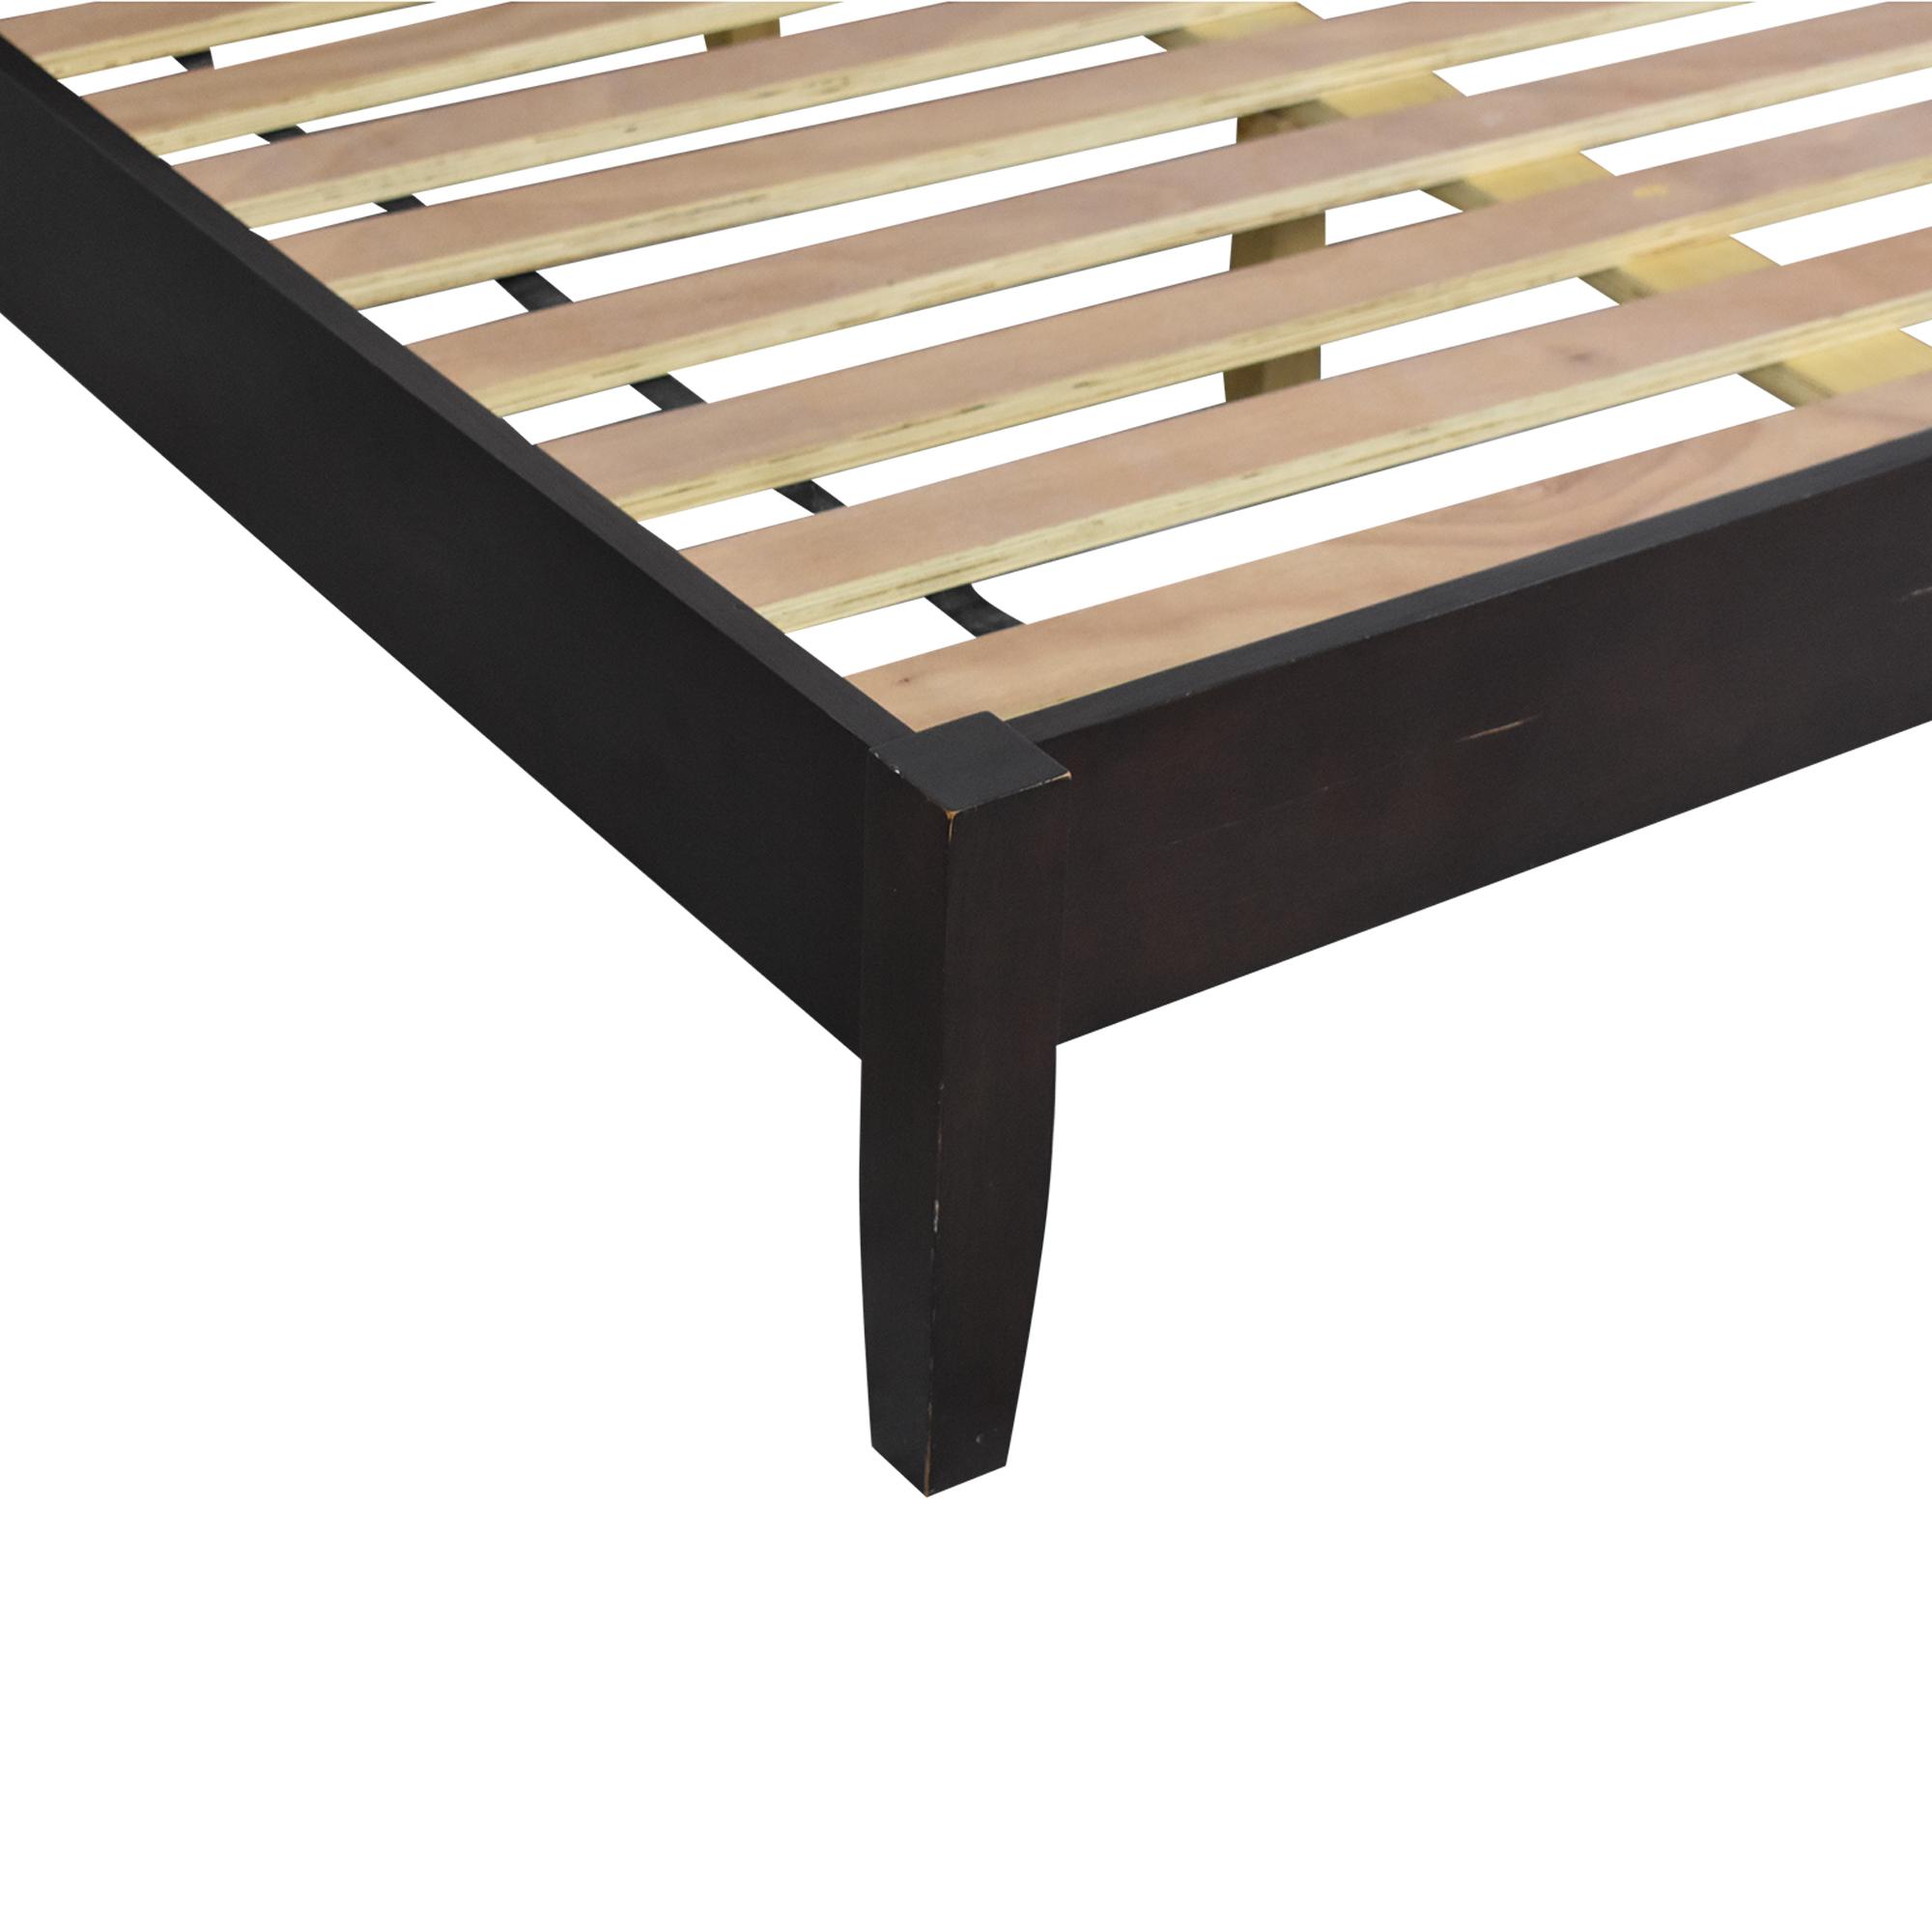 Crate & Barrel Queen Bedframe sale